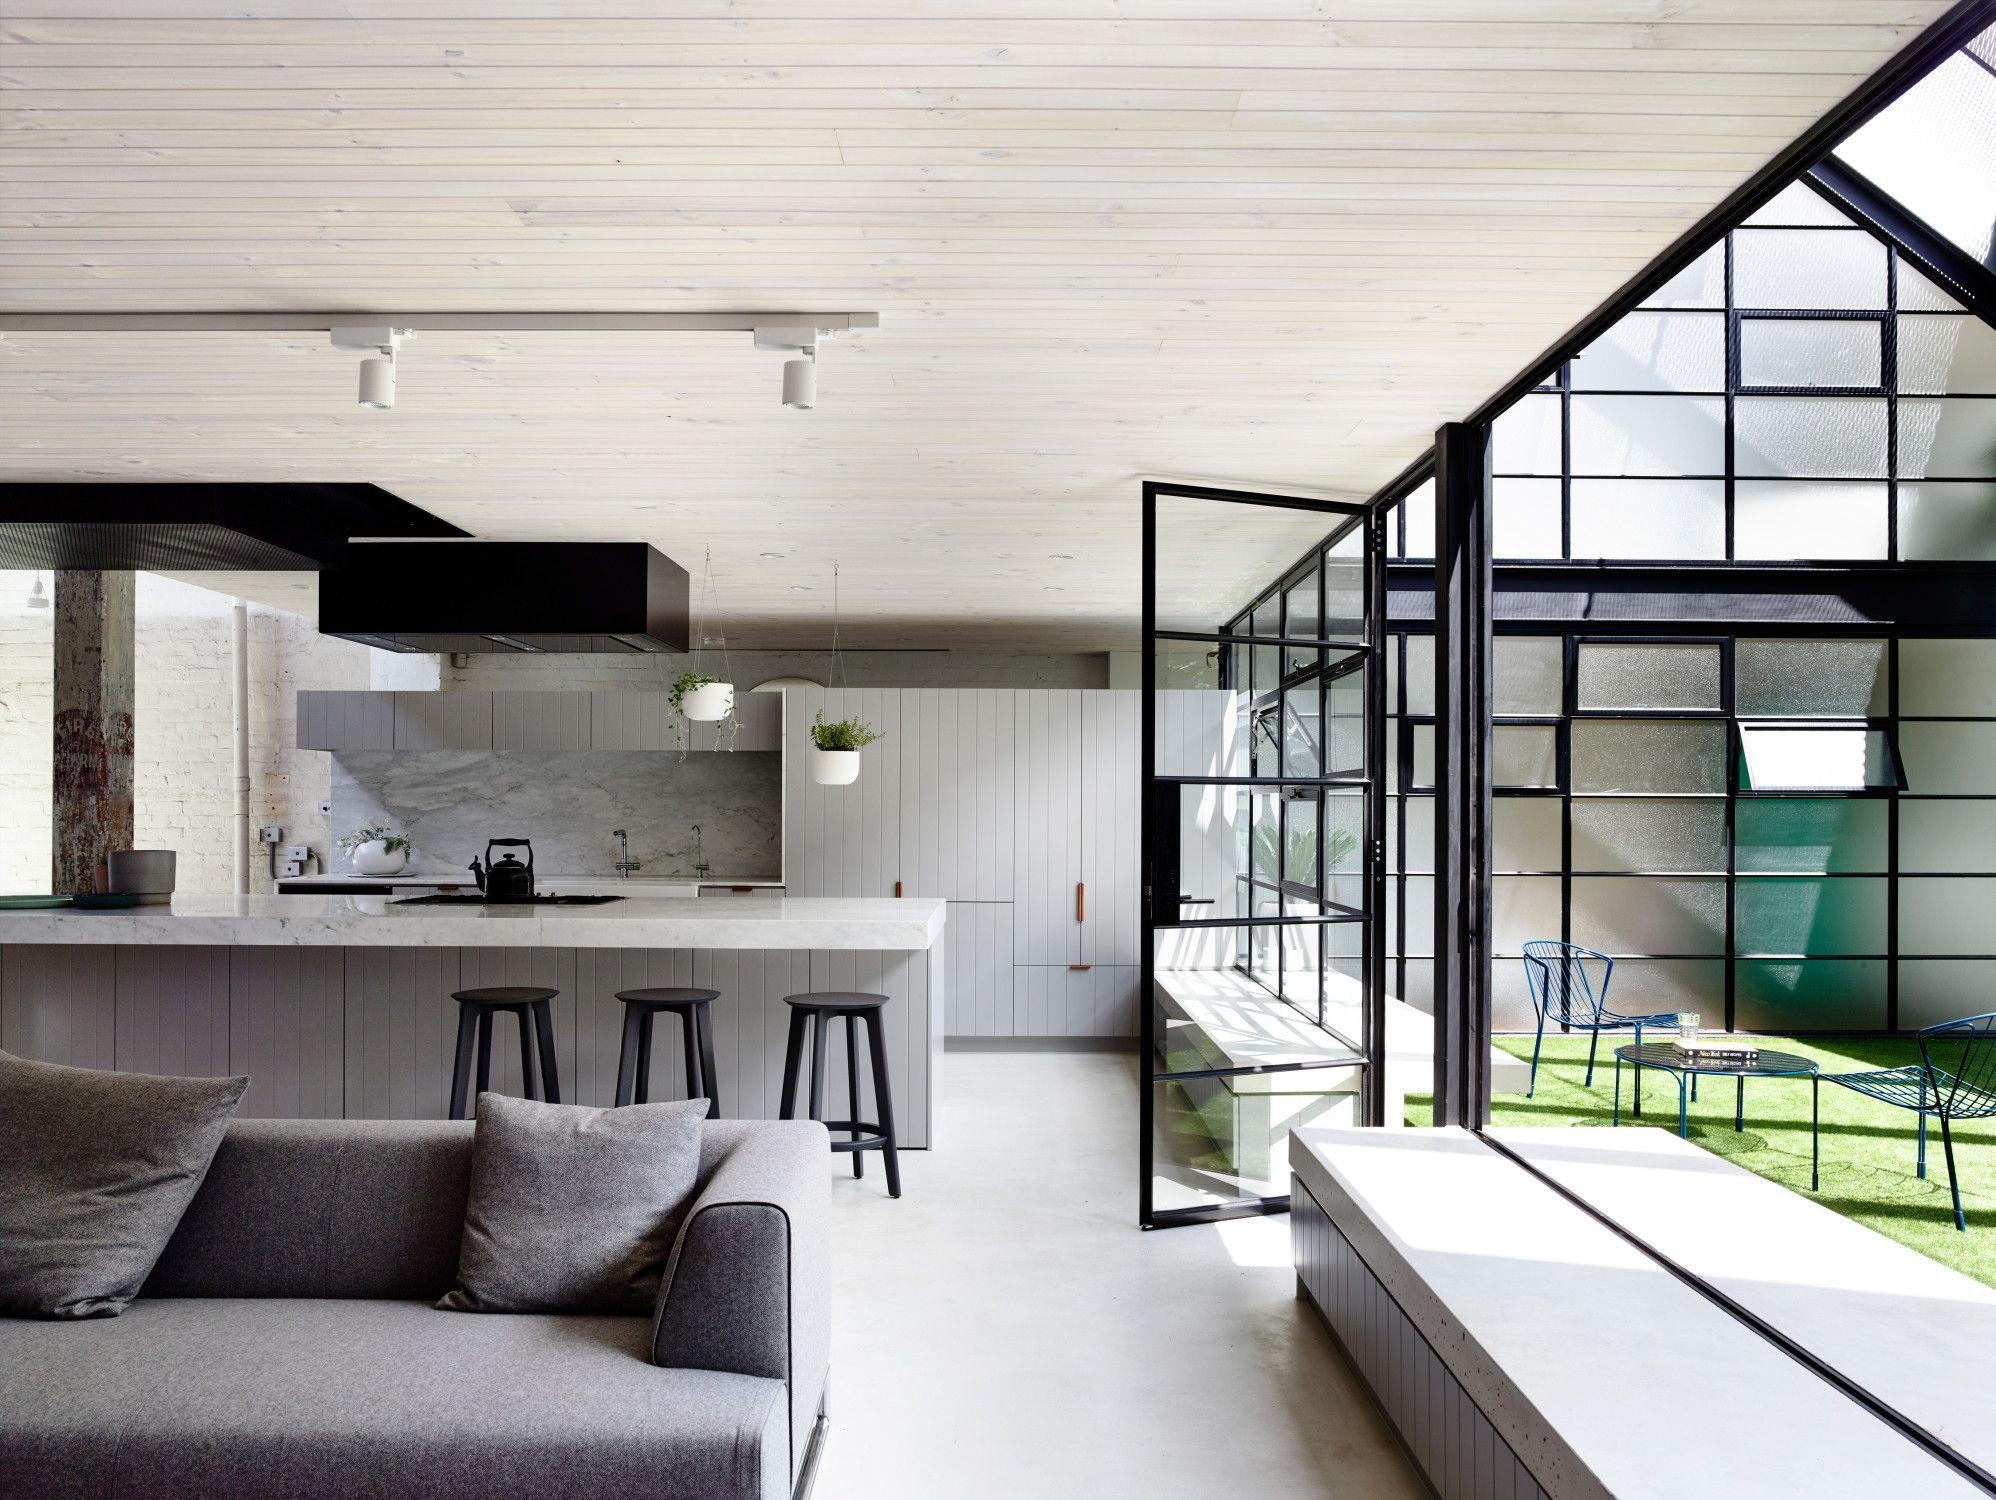 fitzroy loft in melbourne - bad und sanitär - wohnen, Wohnzimmer dekoo